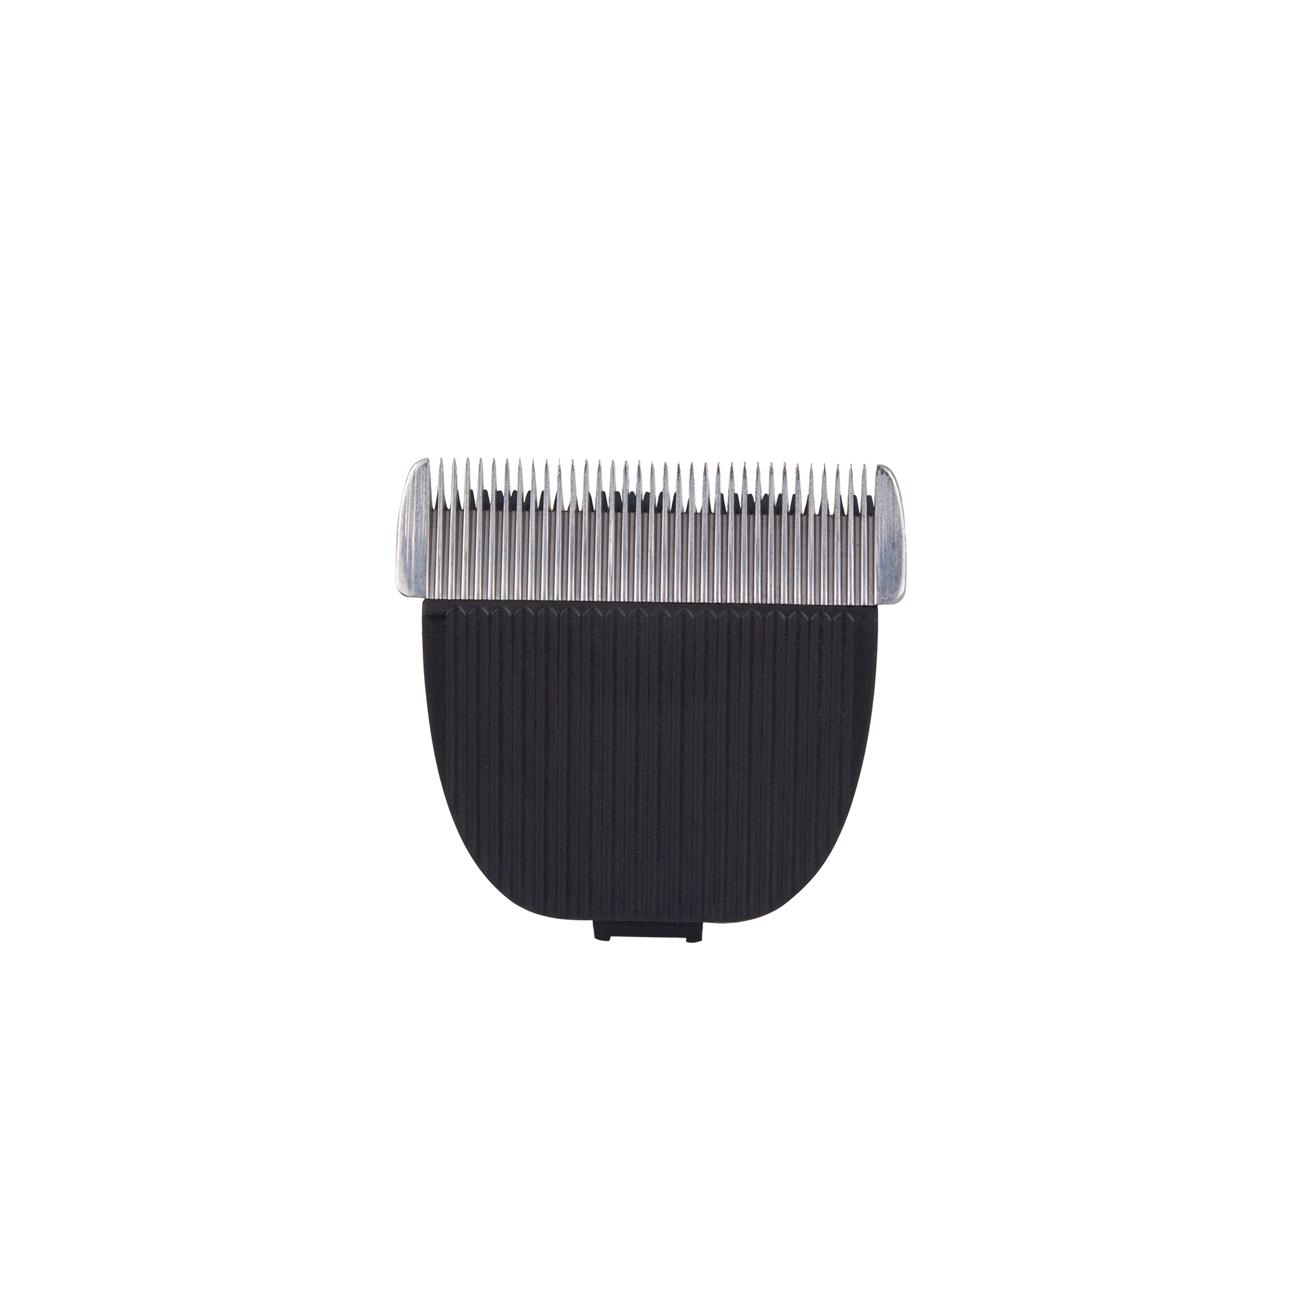 Lamina de tosa PRO6  Slim regulável da Nº9 a Nº30 Propetz (2,0mm a 0,5mm)